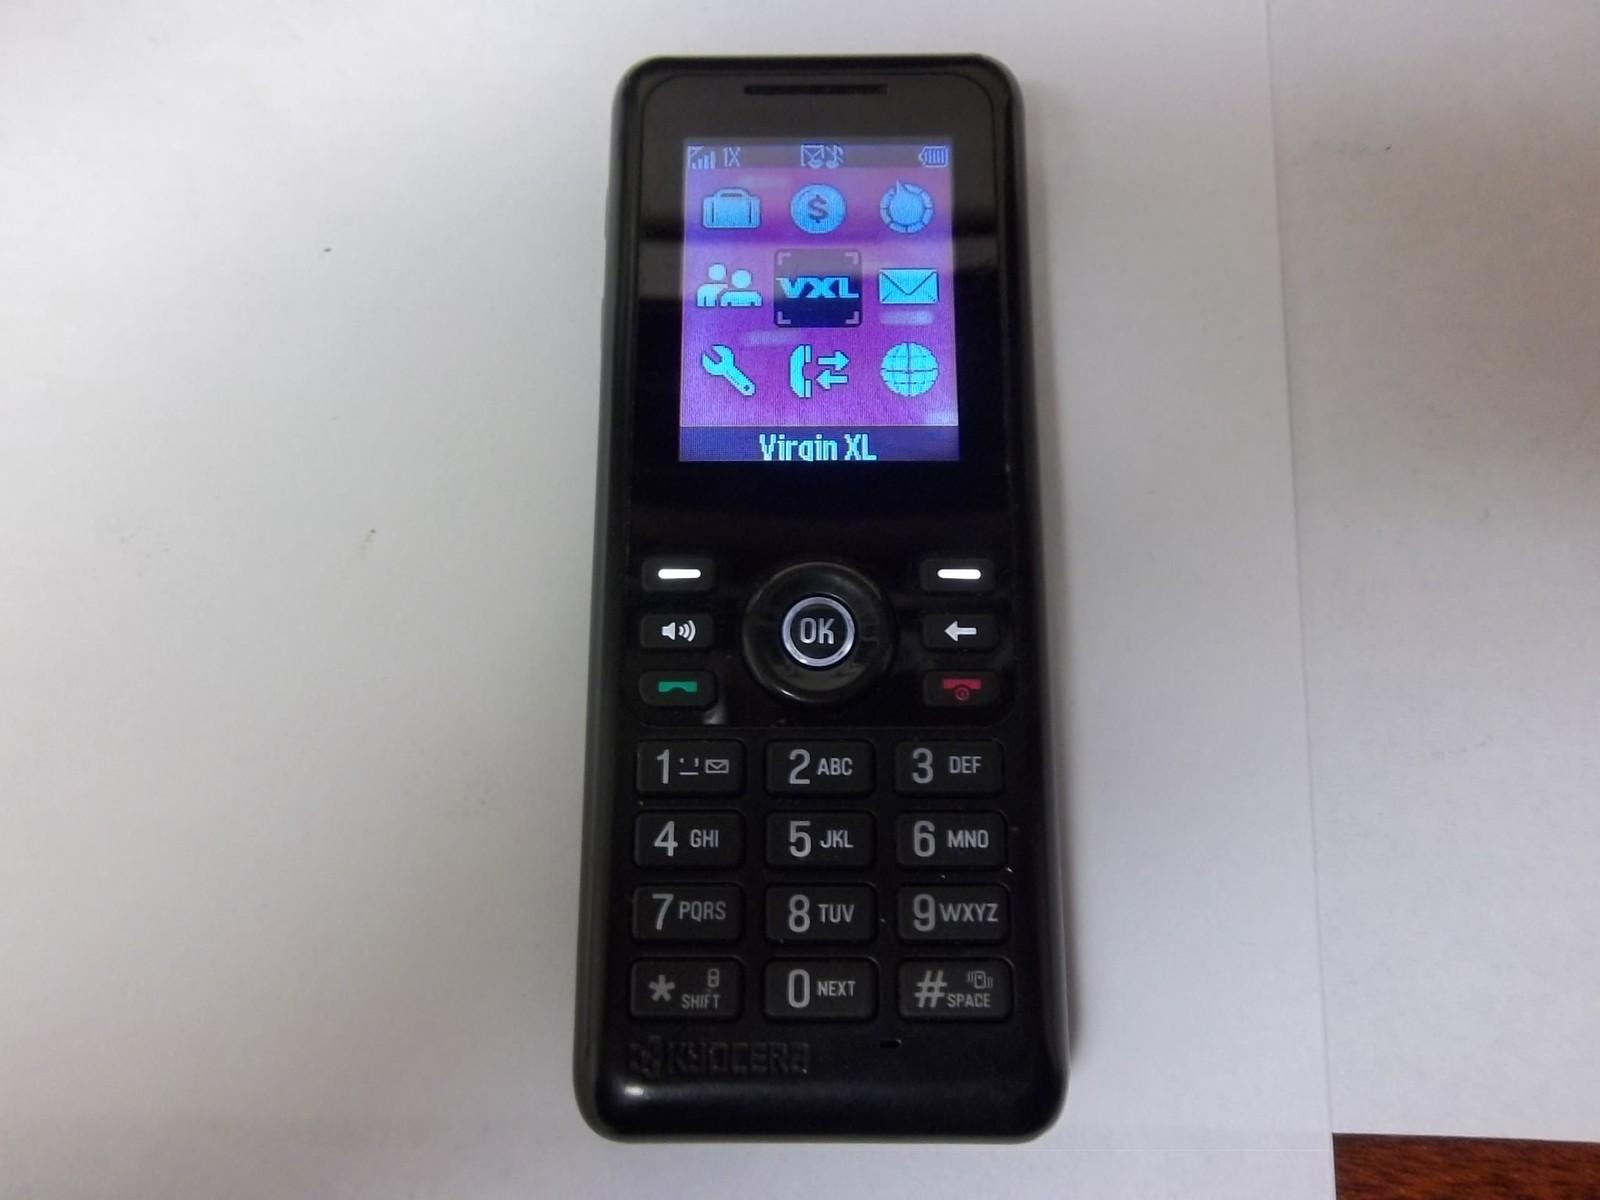 Virgin Mobile phones on Assurance Wireless? - Virgin ...